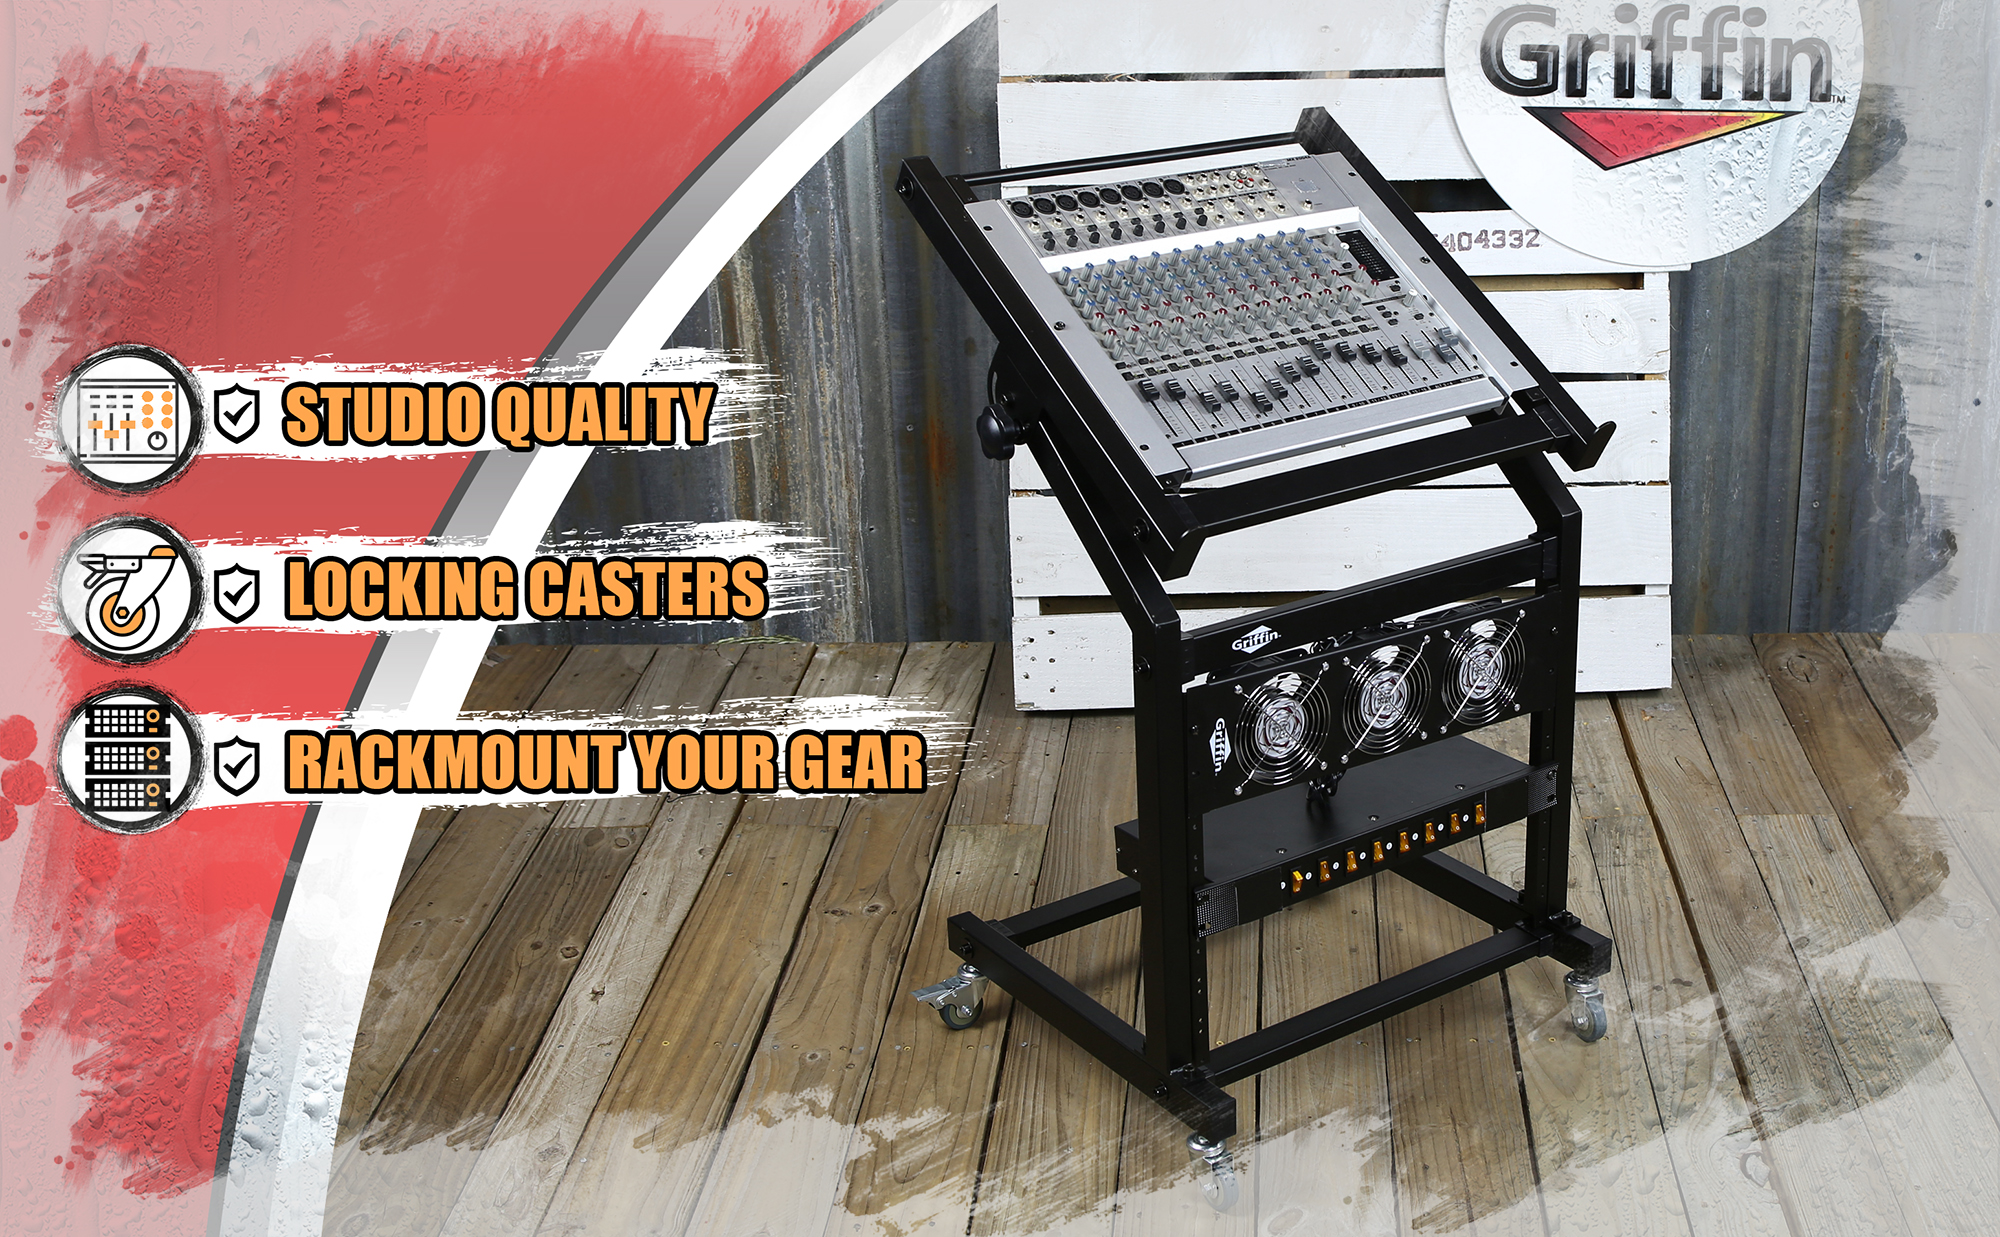 Pro-Audio Gear